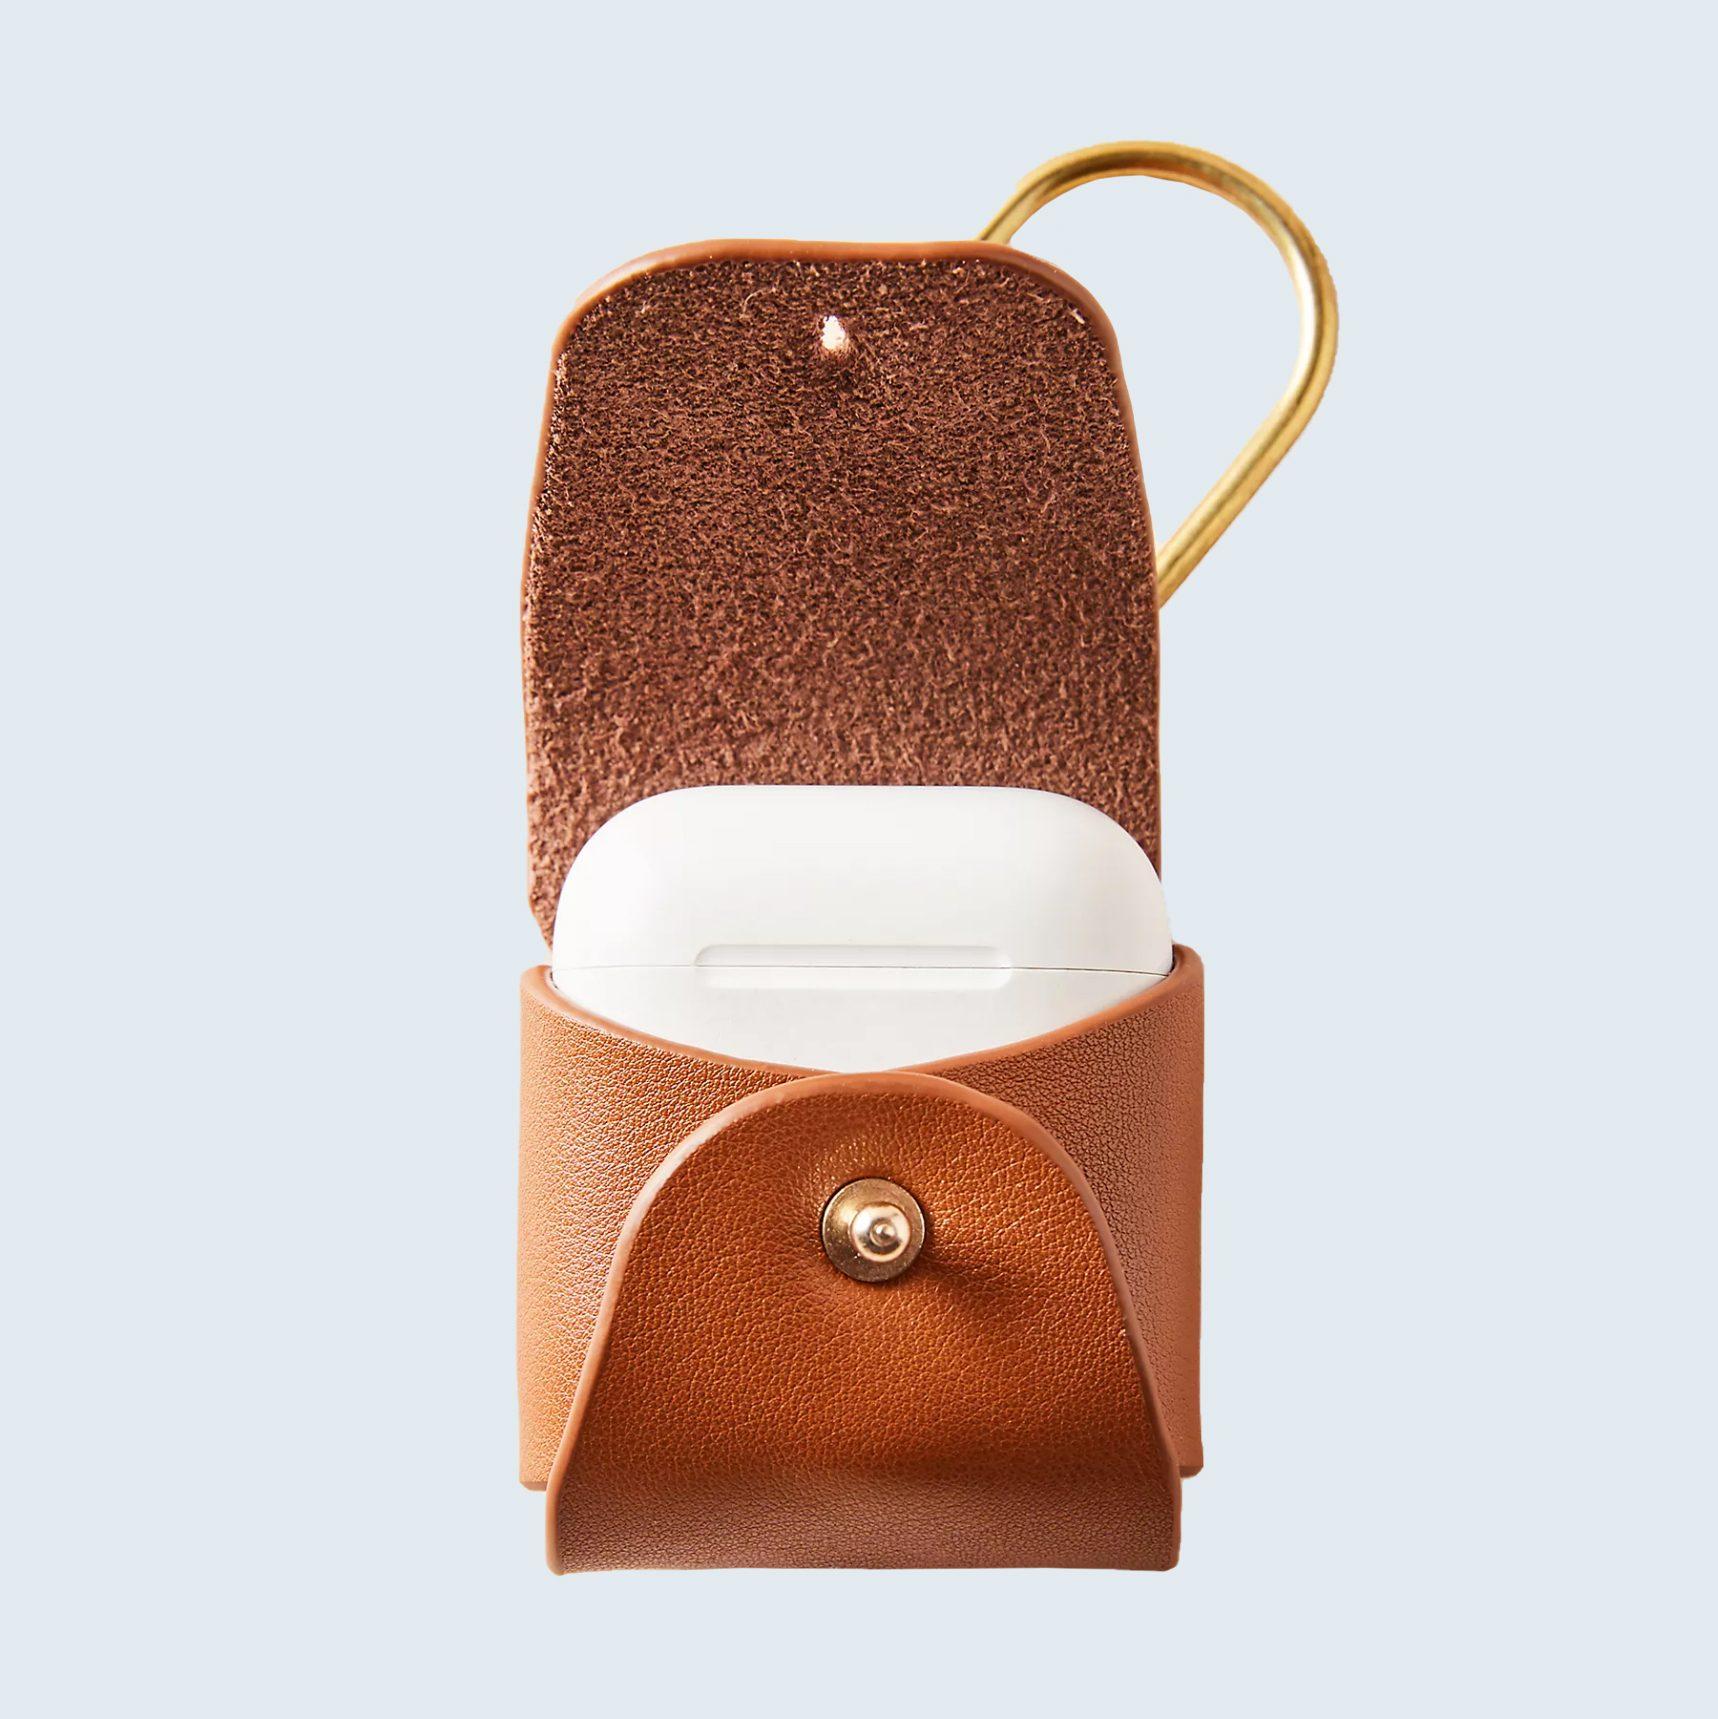 Elago Leather AirPods Case